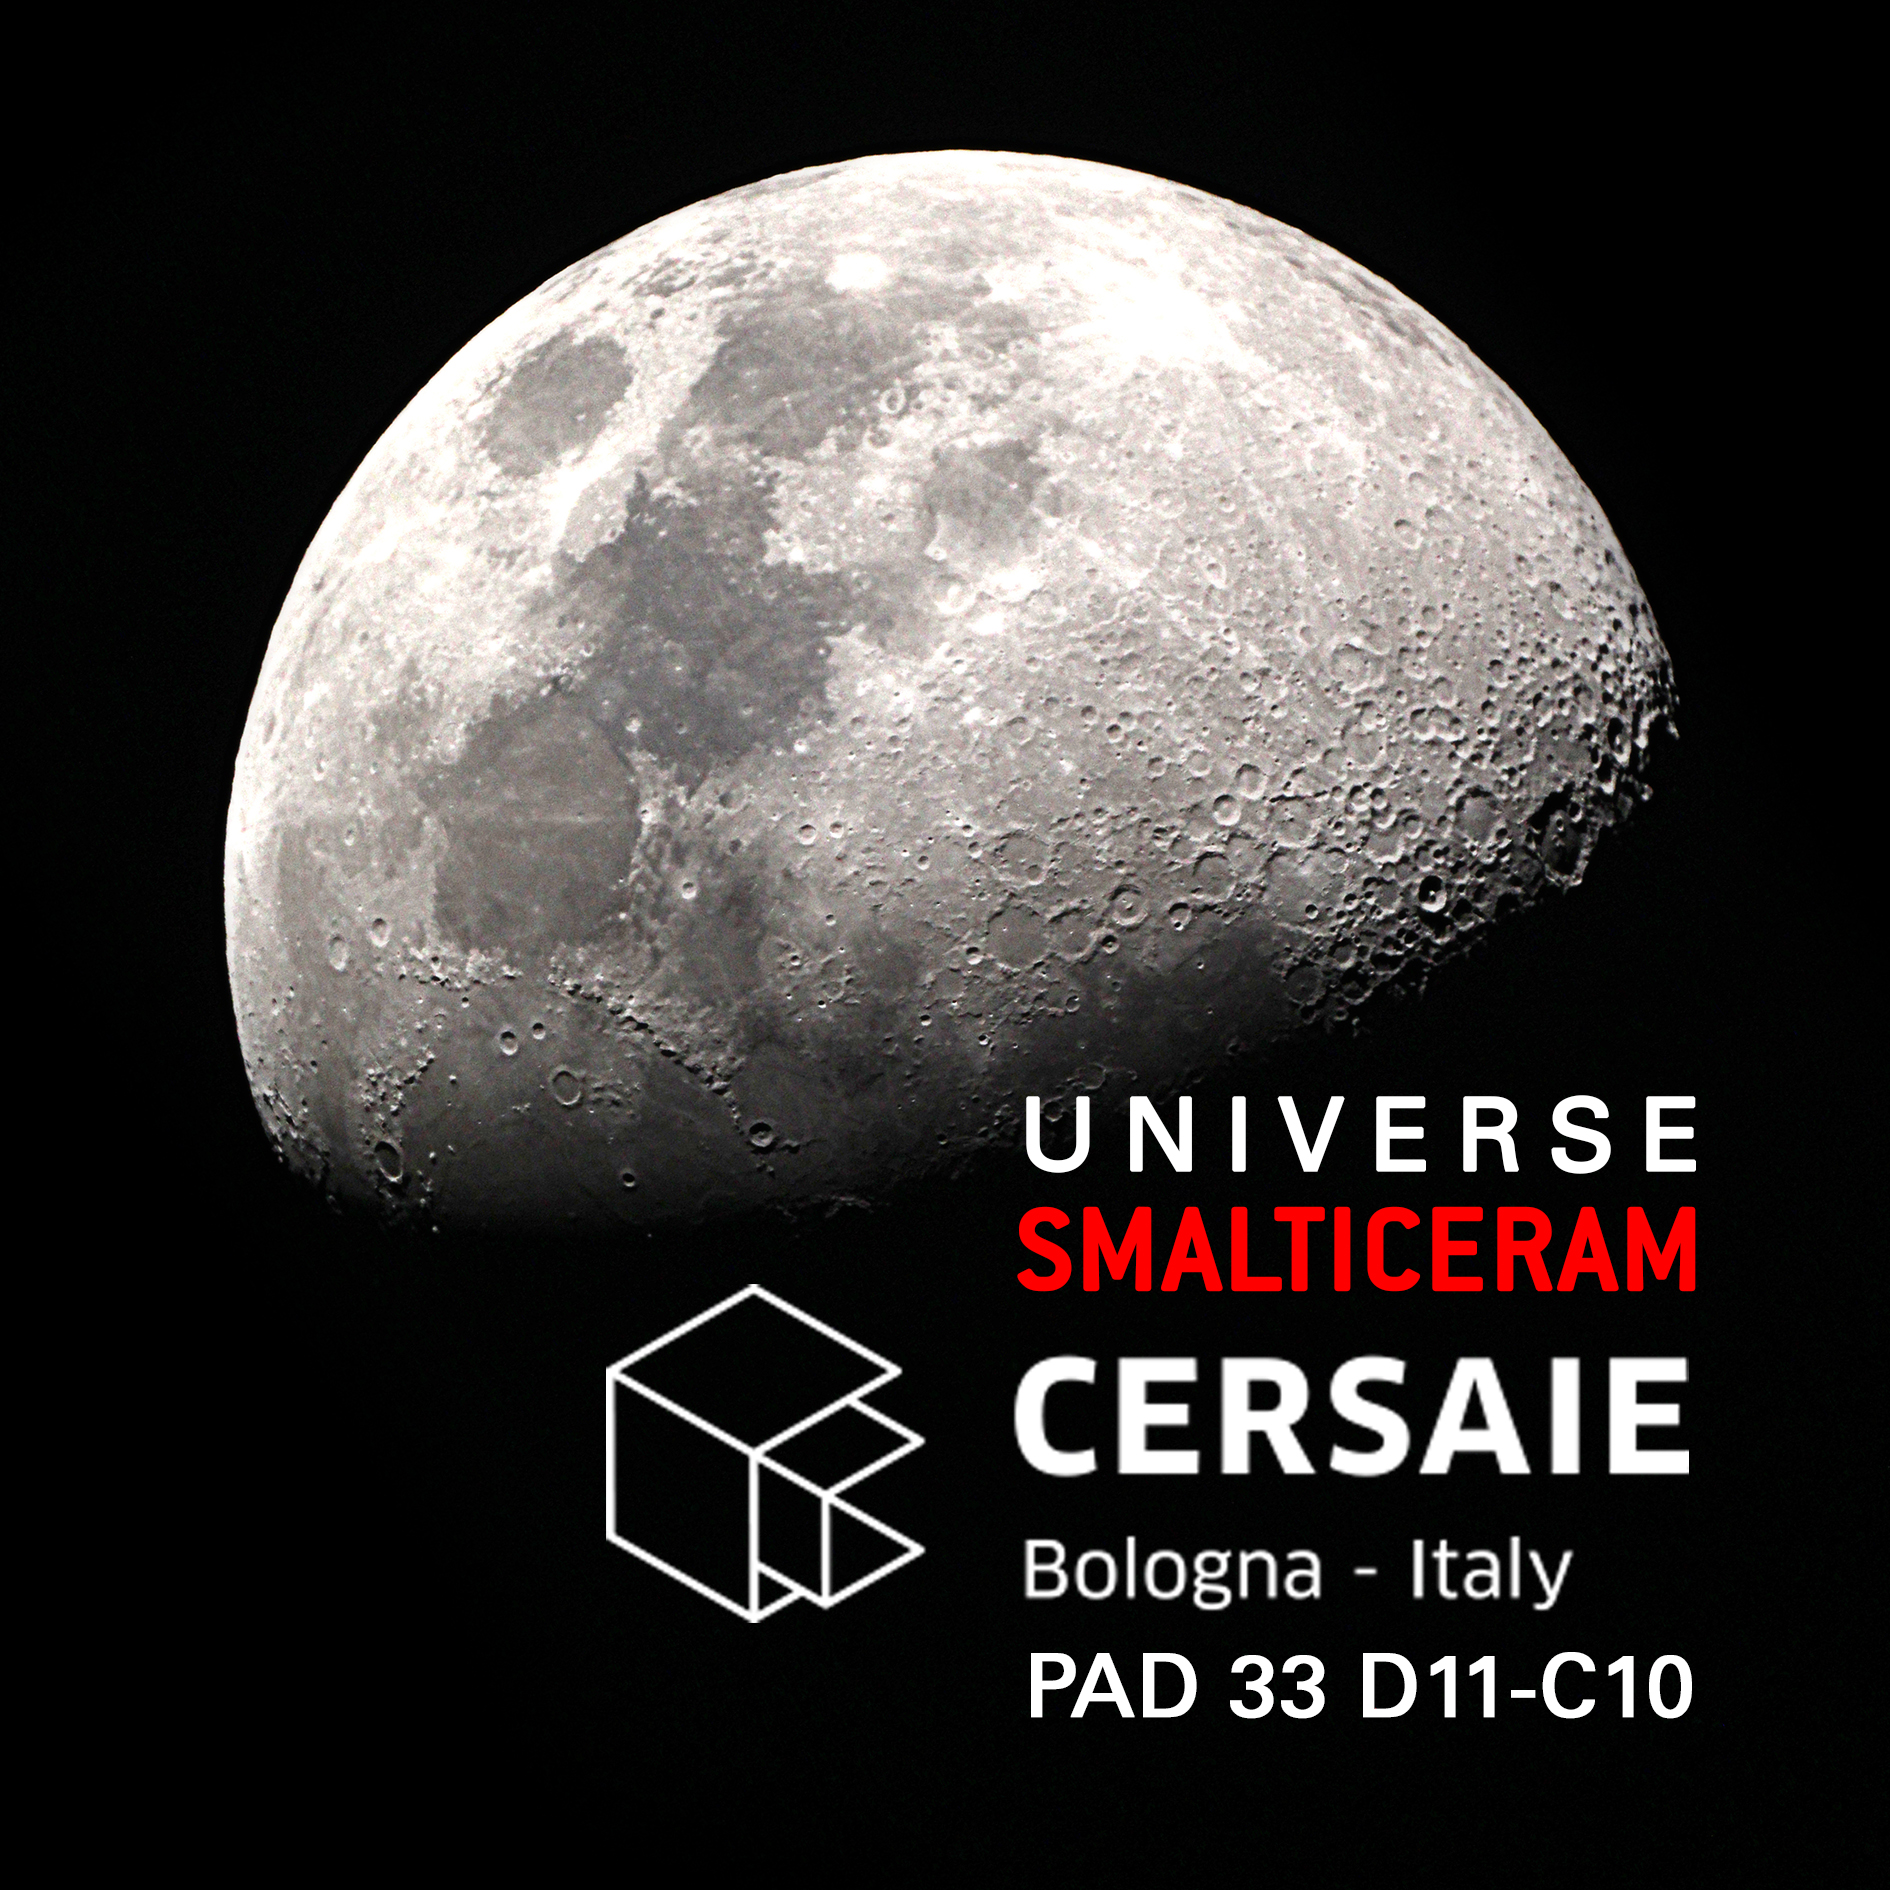 Universo Smalticeram presenta SJ 9000, la solución  a las emisiones nocivas al medio ambiente